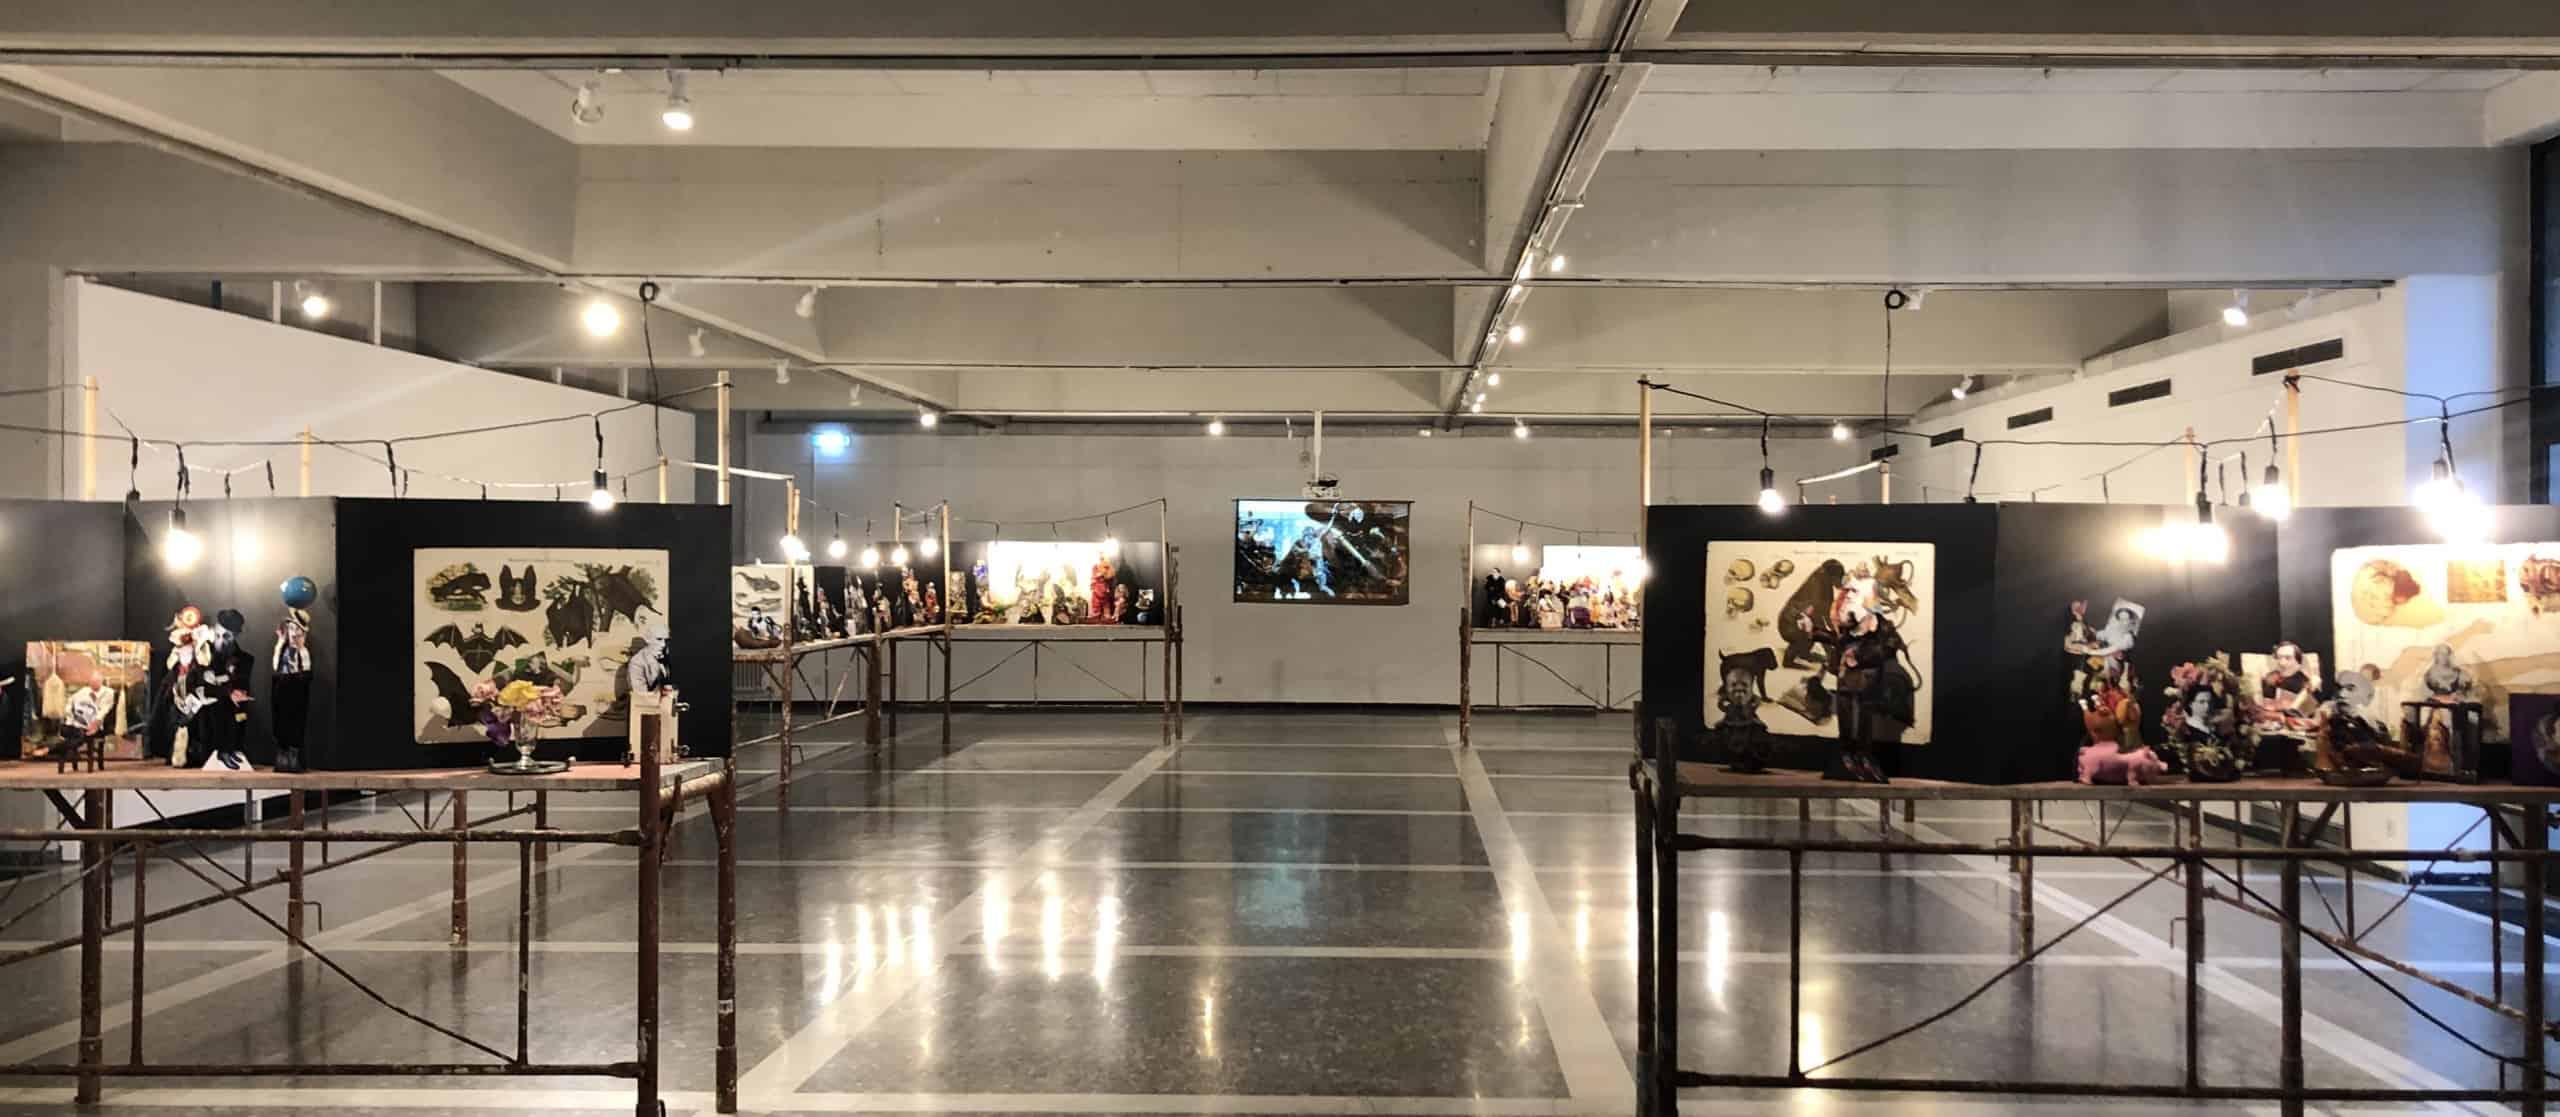 Alpe Adria Galerie Klagenfurt - im Winter geöffnet